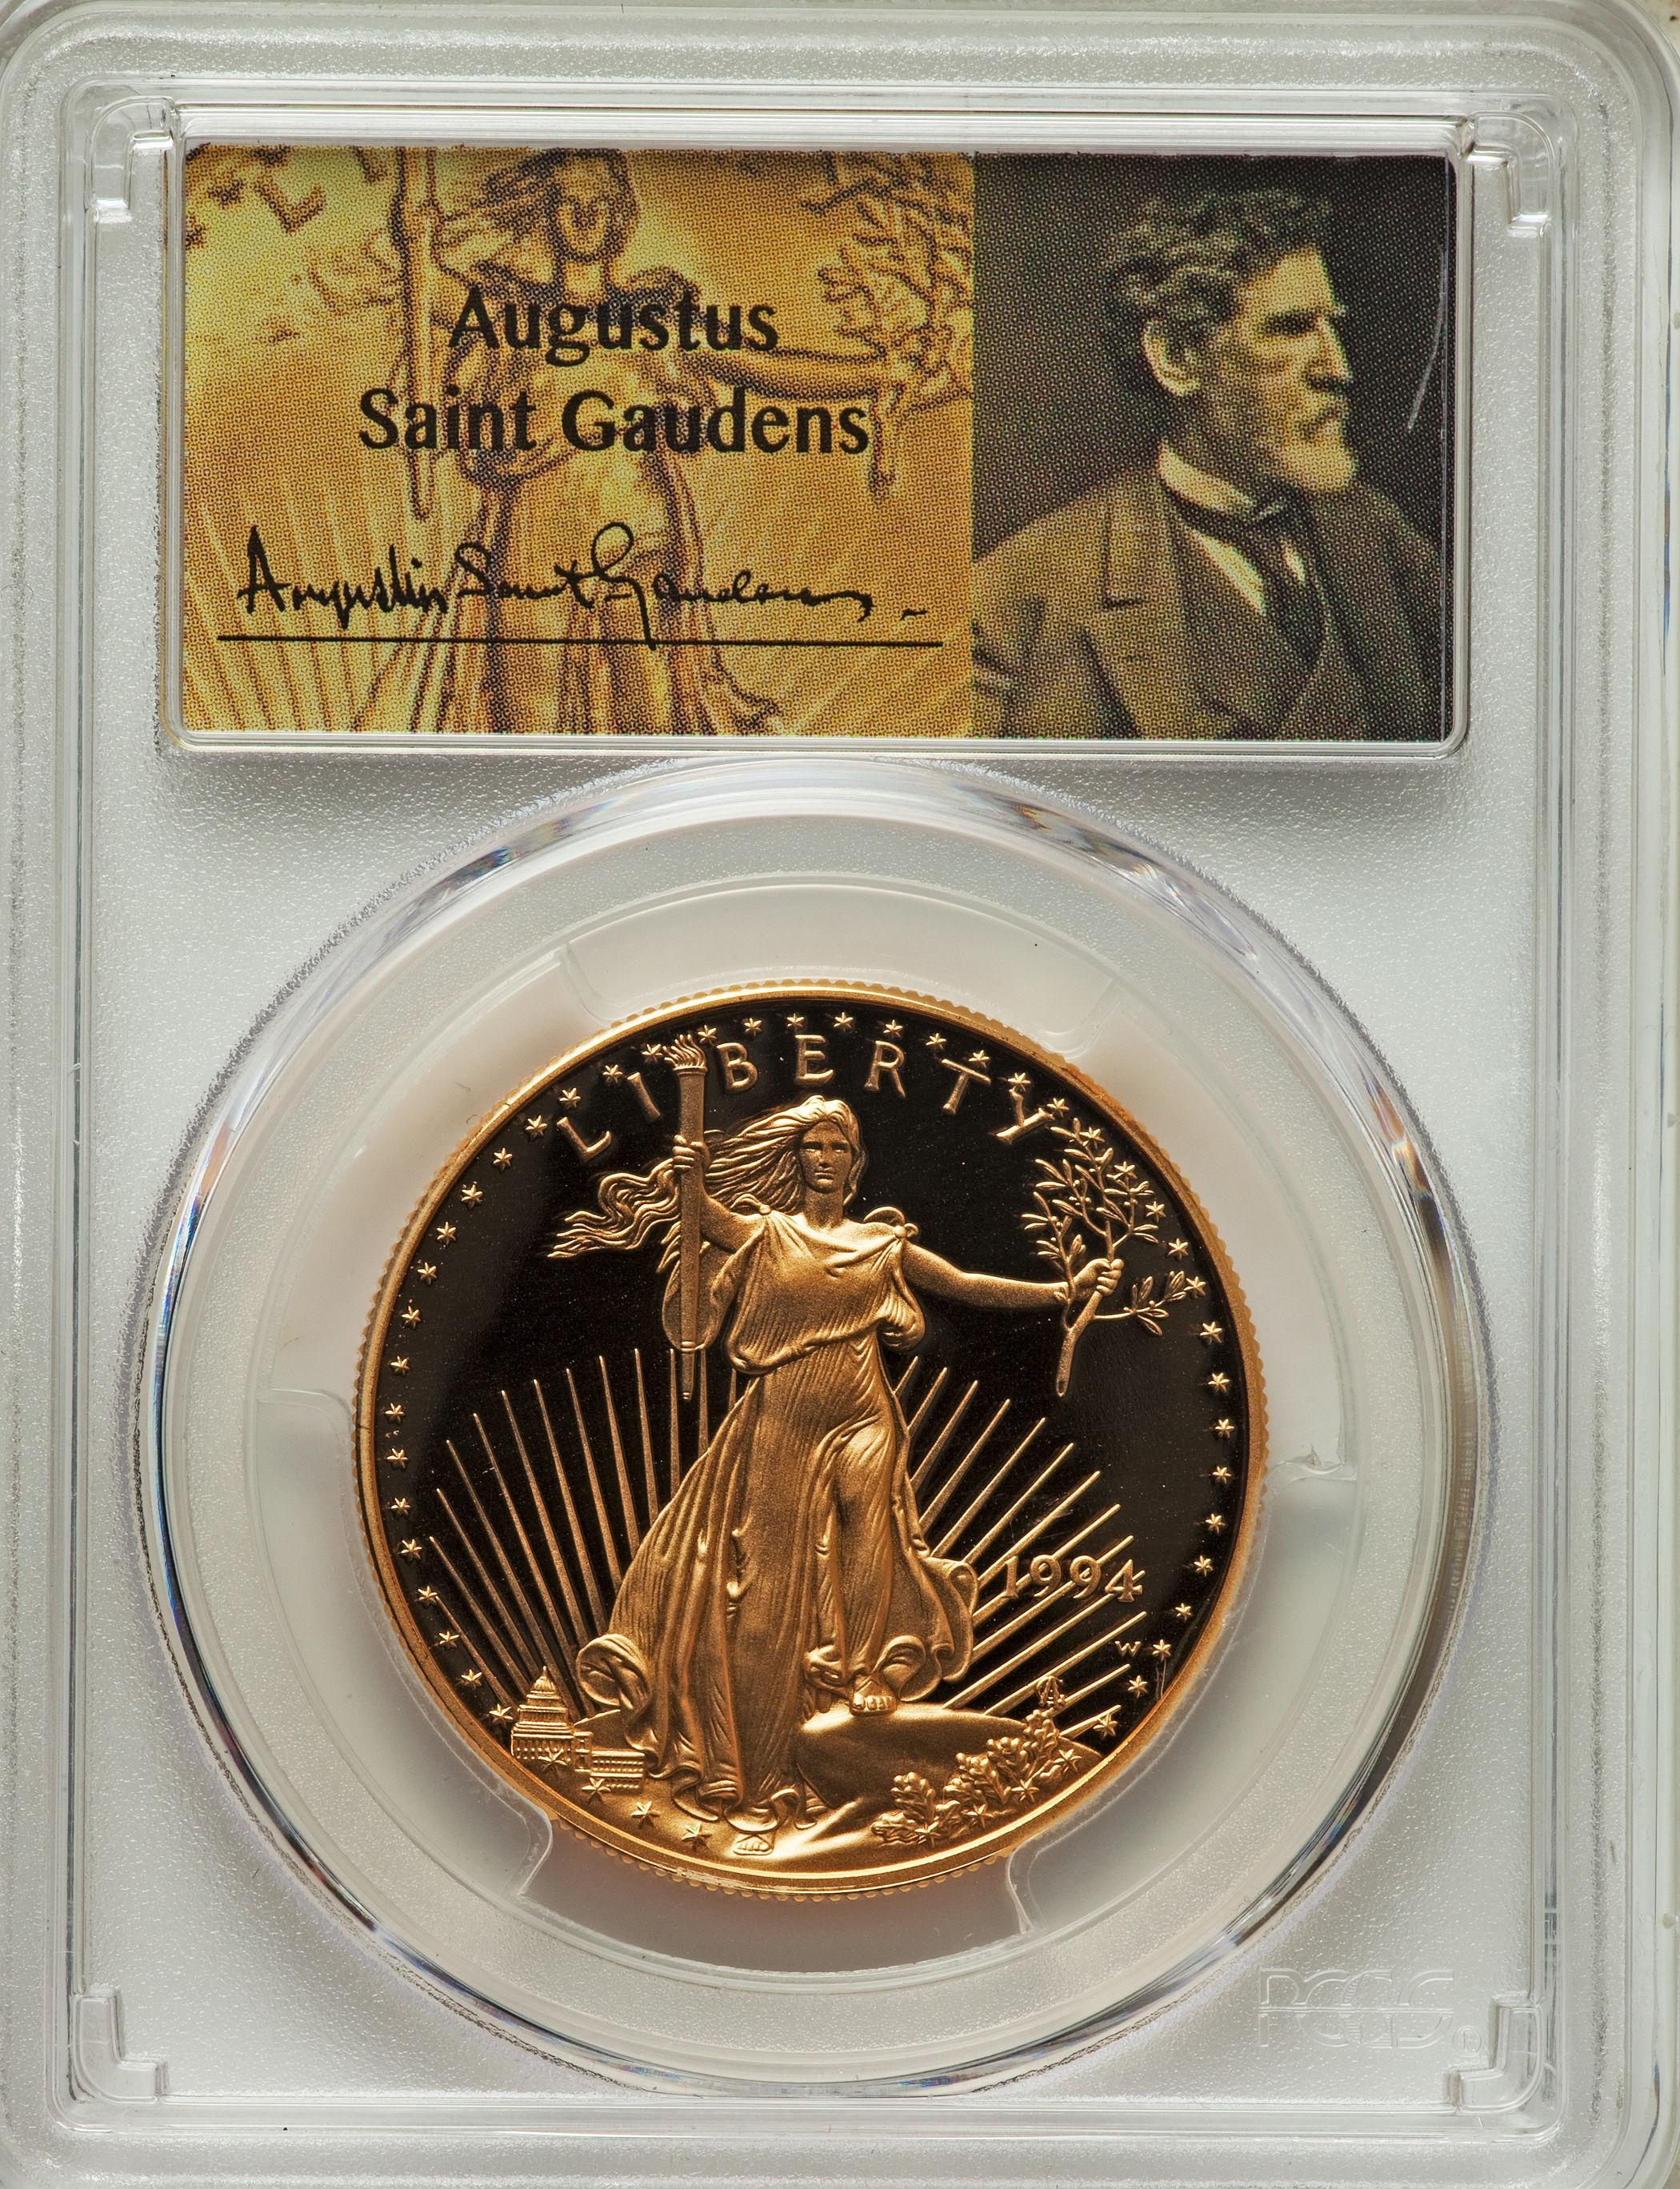 【動画あり】50ドル金貨 ゴールドイーグル 1994W GOLD EAGLE  $50 PCGS PR70DCAM セントゴーデンズサイン入り完全未使用